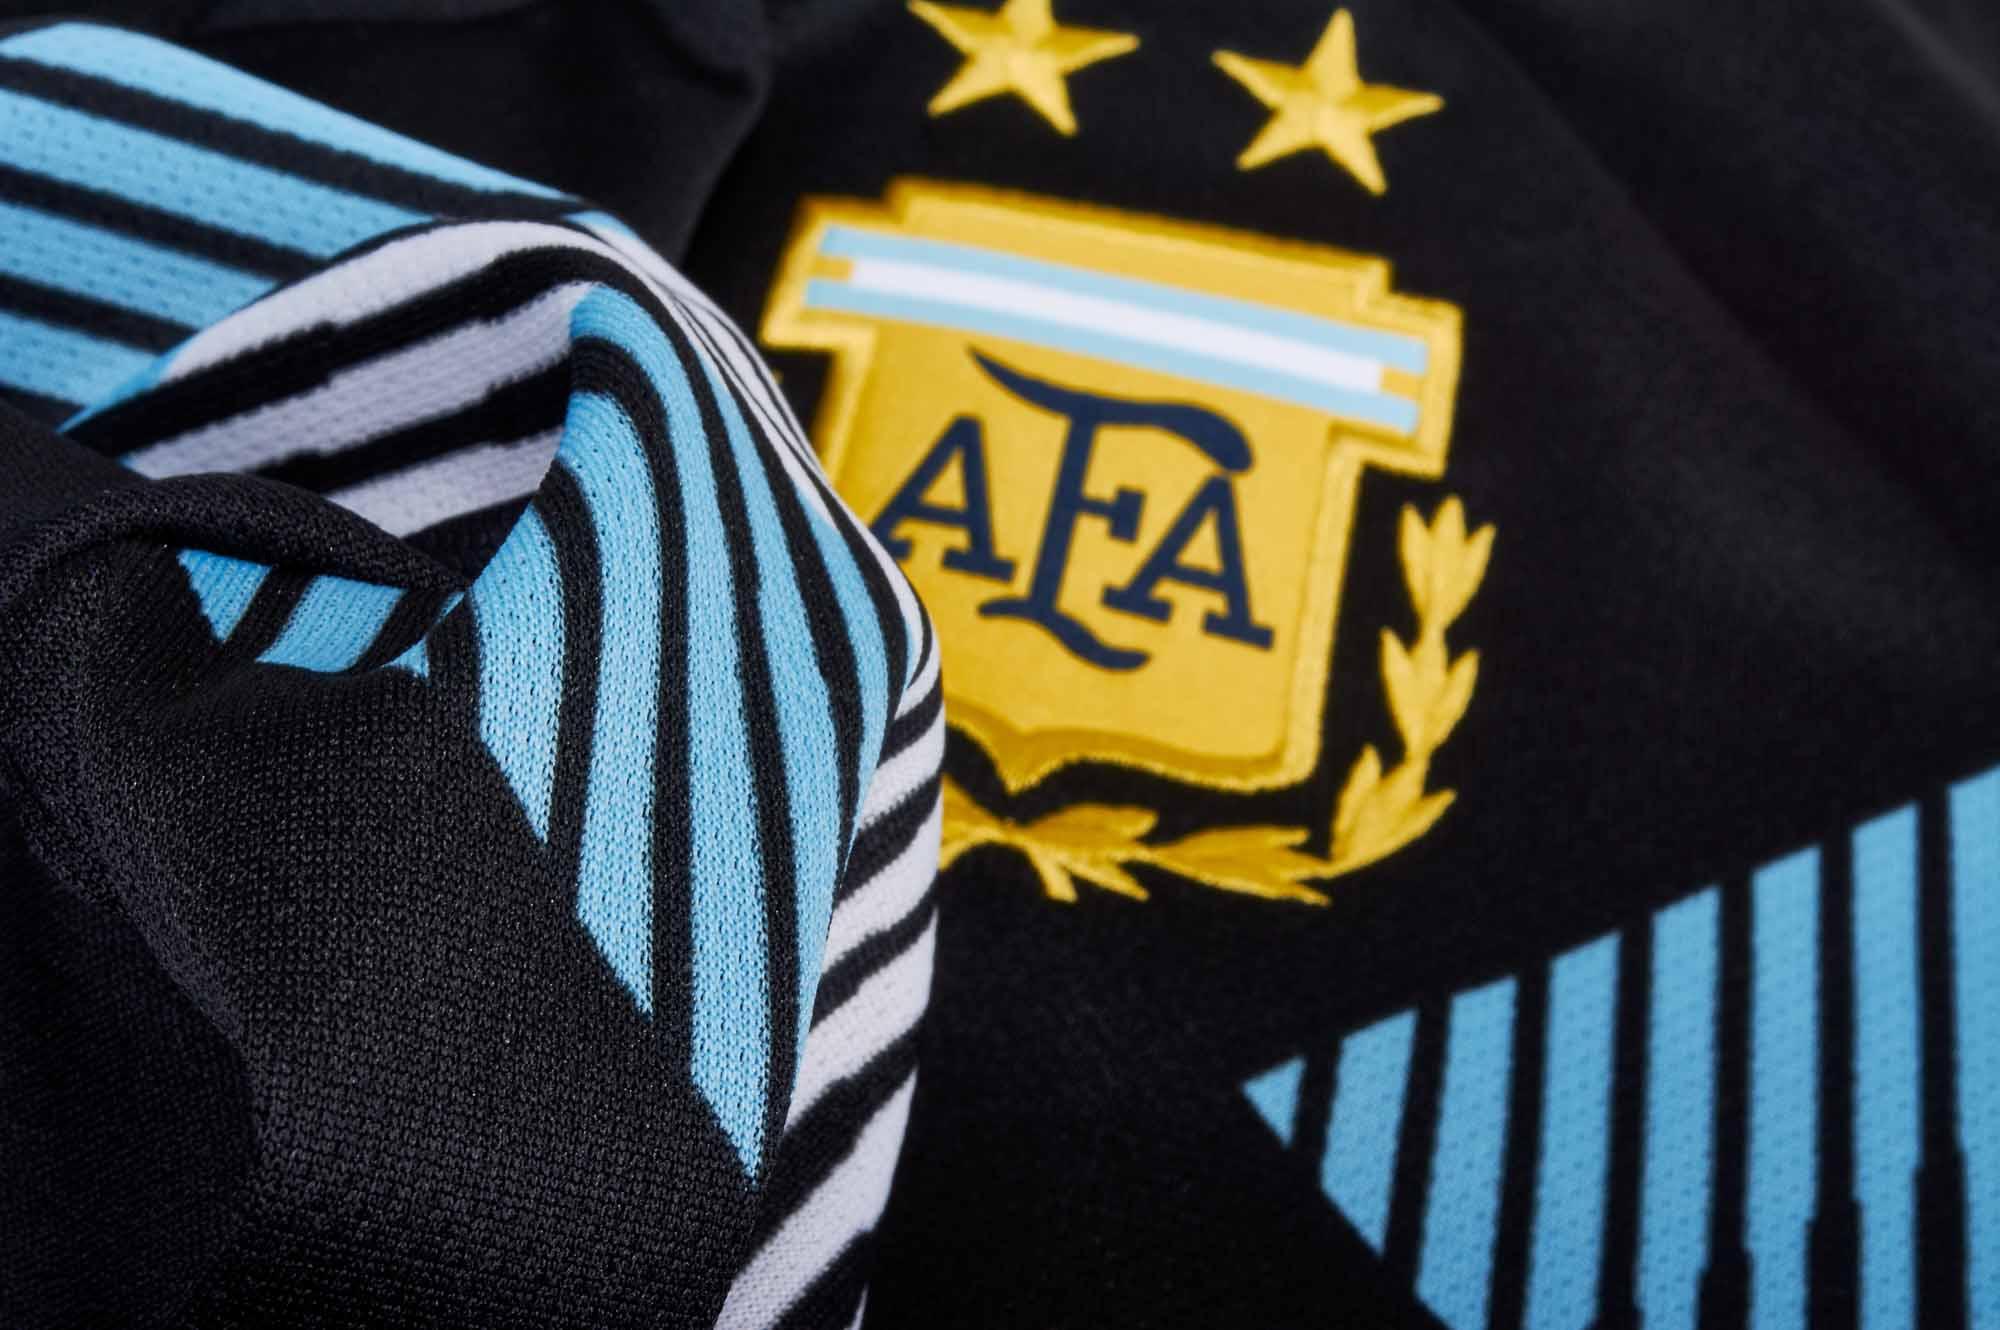 ab3ba7d1664 Jersey - Women Argentina Away World Cup Official 2018 Jersey Football Jersey  O